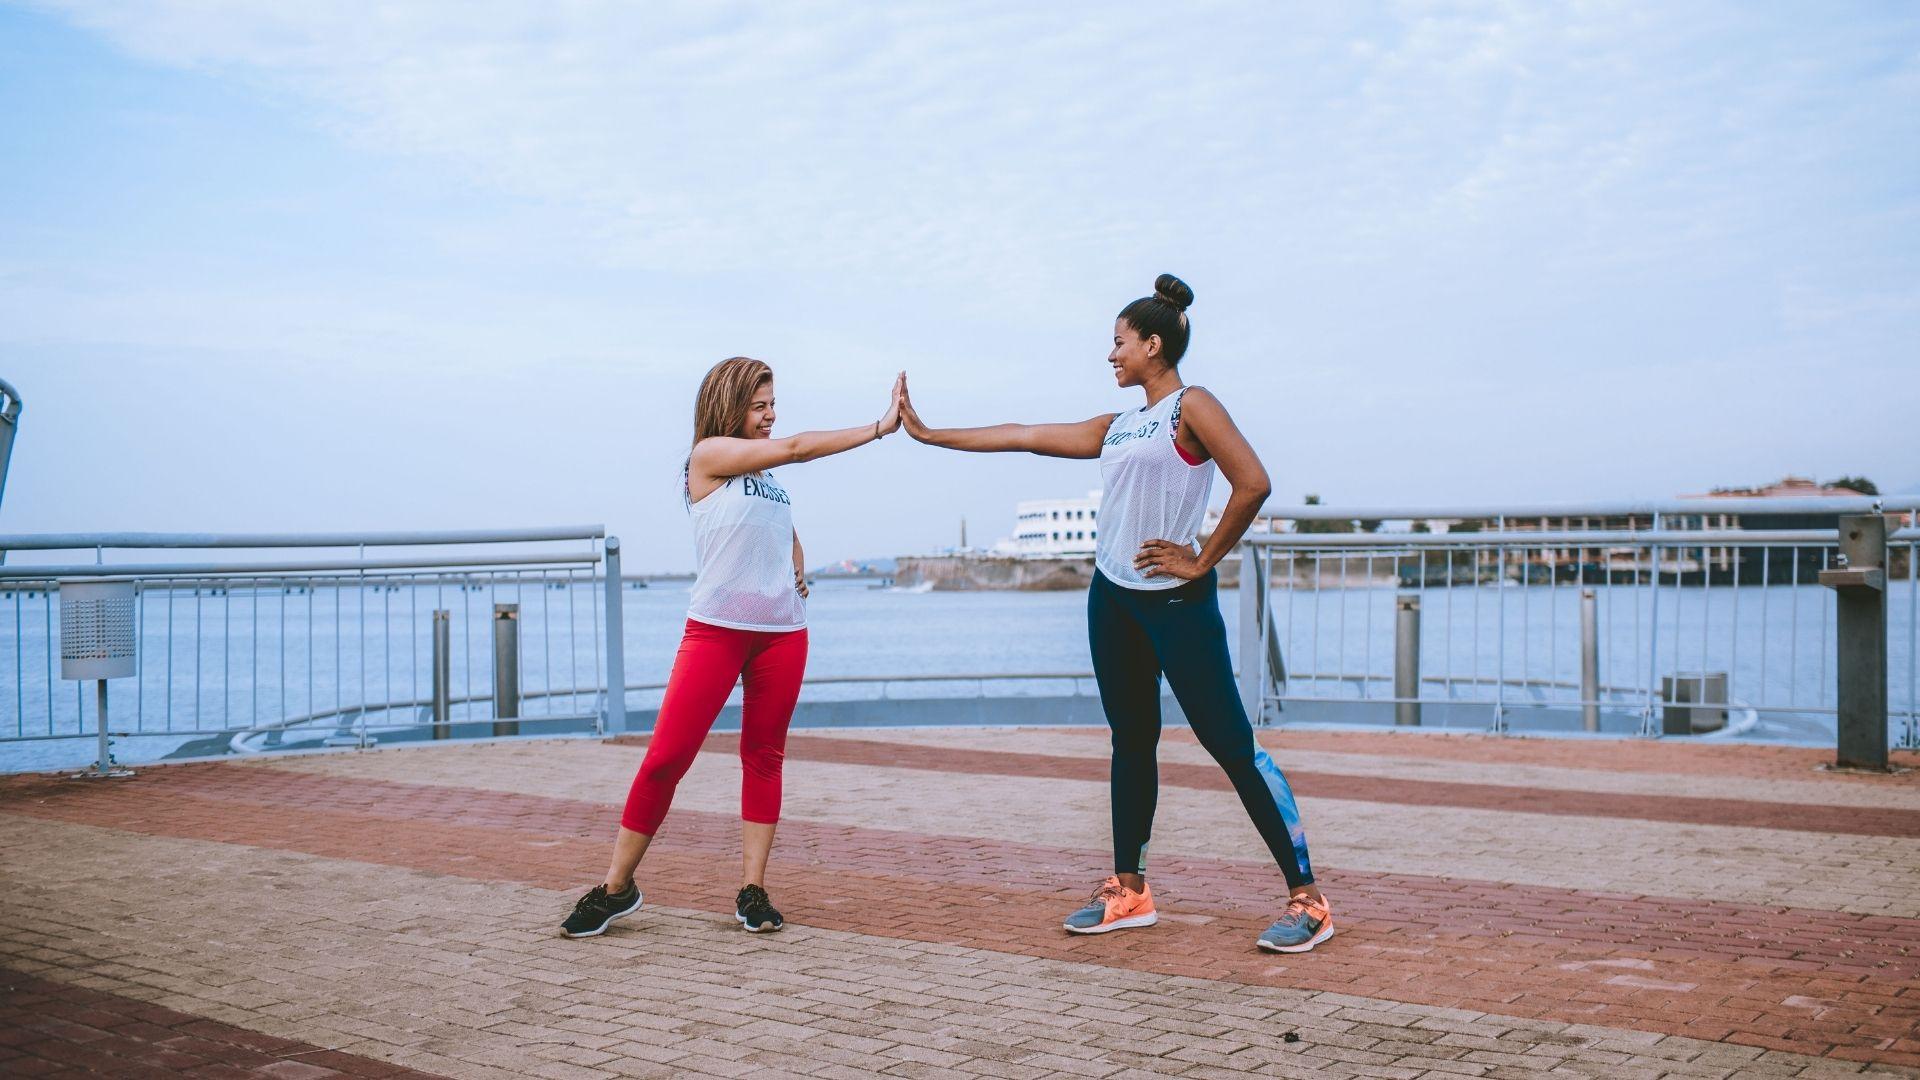 Untrainiert 3 km laufen - Trainingsplan